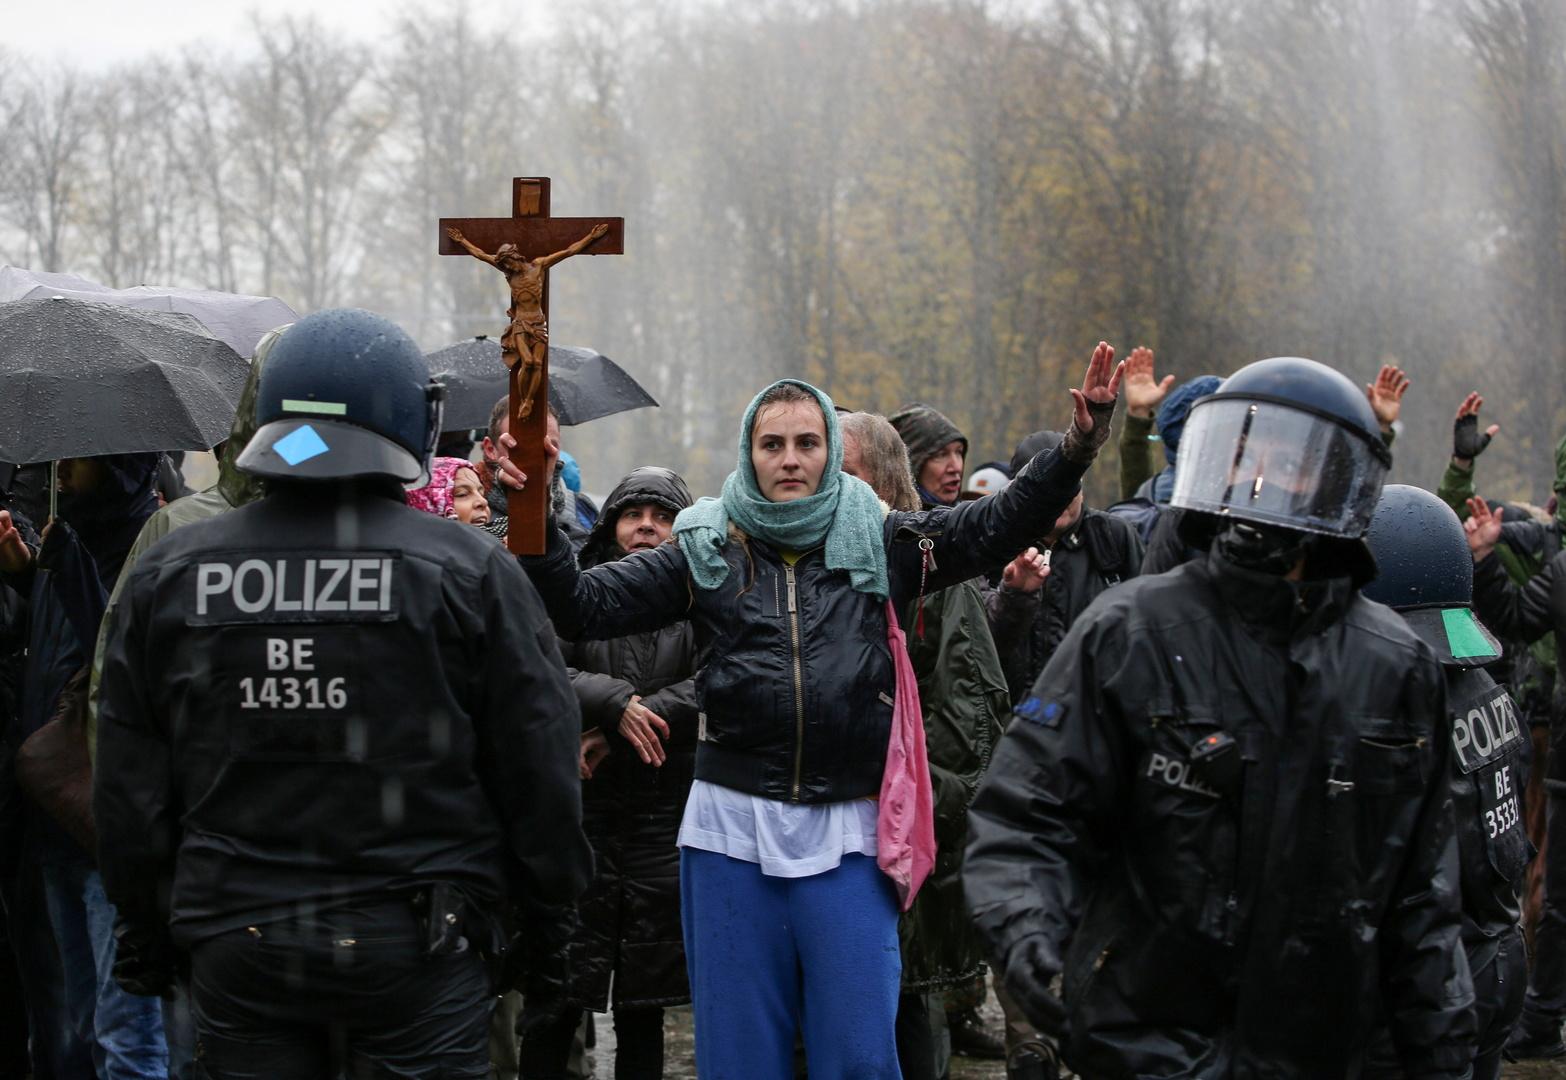 """""""Aggressiv, schwarze Stunde, hysterisch"""" – Medienreaktionen auf gestrige Demonstration in Berlin"""